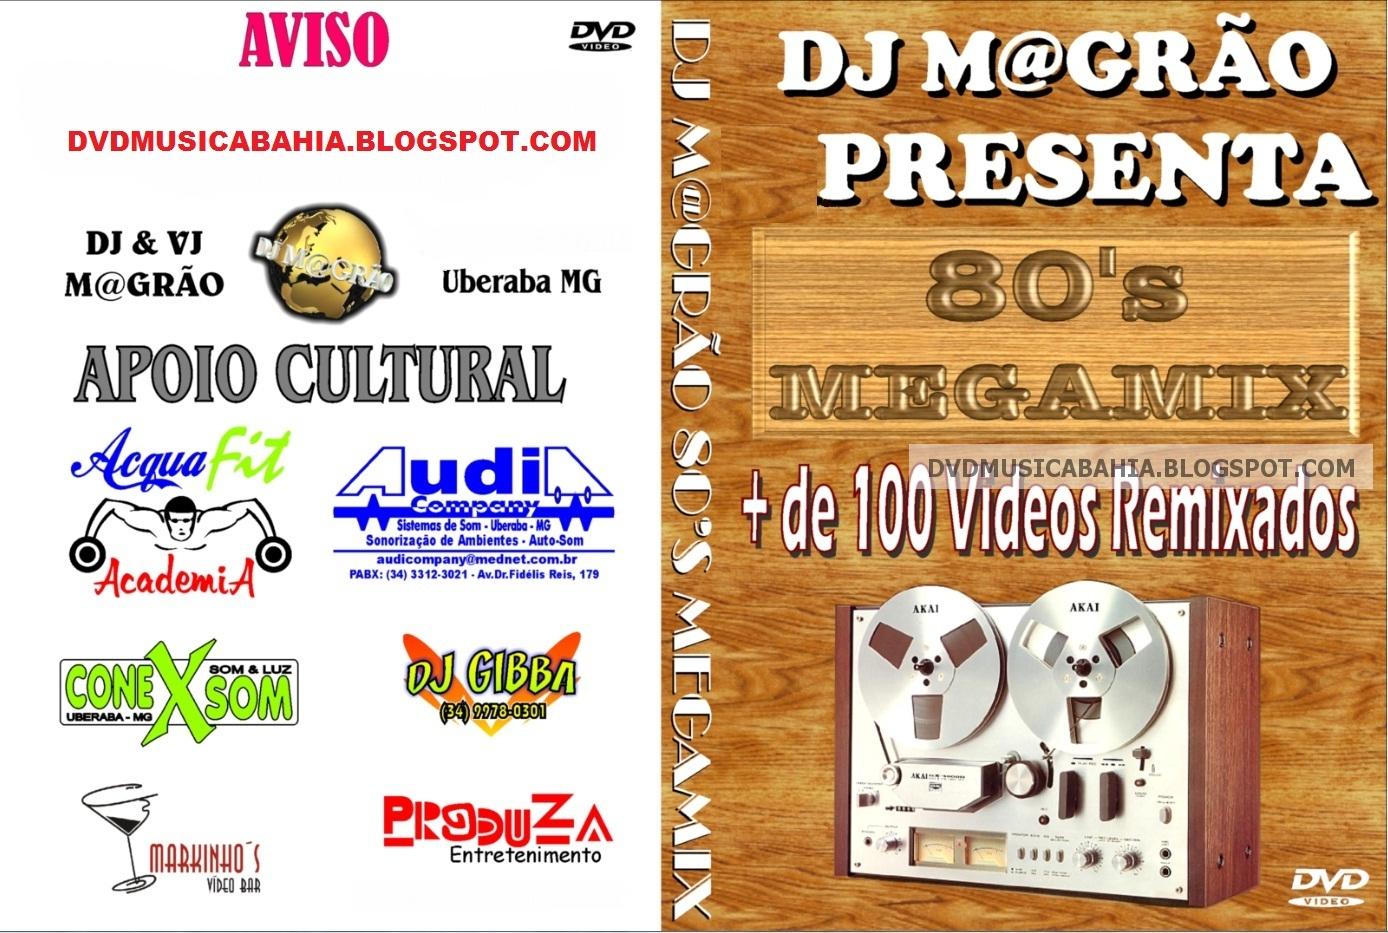 LOS MEJORES DVD DE MUSICA Y MAS    !!!!: DJ MAGRAO - 80's MEGAMIX